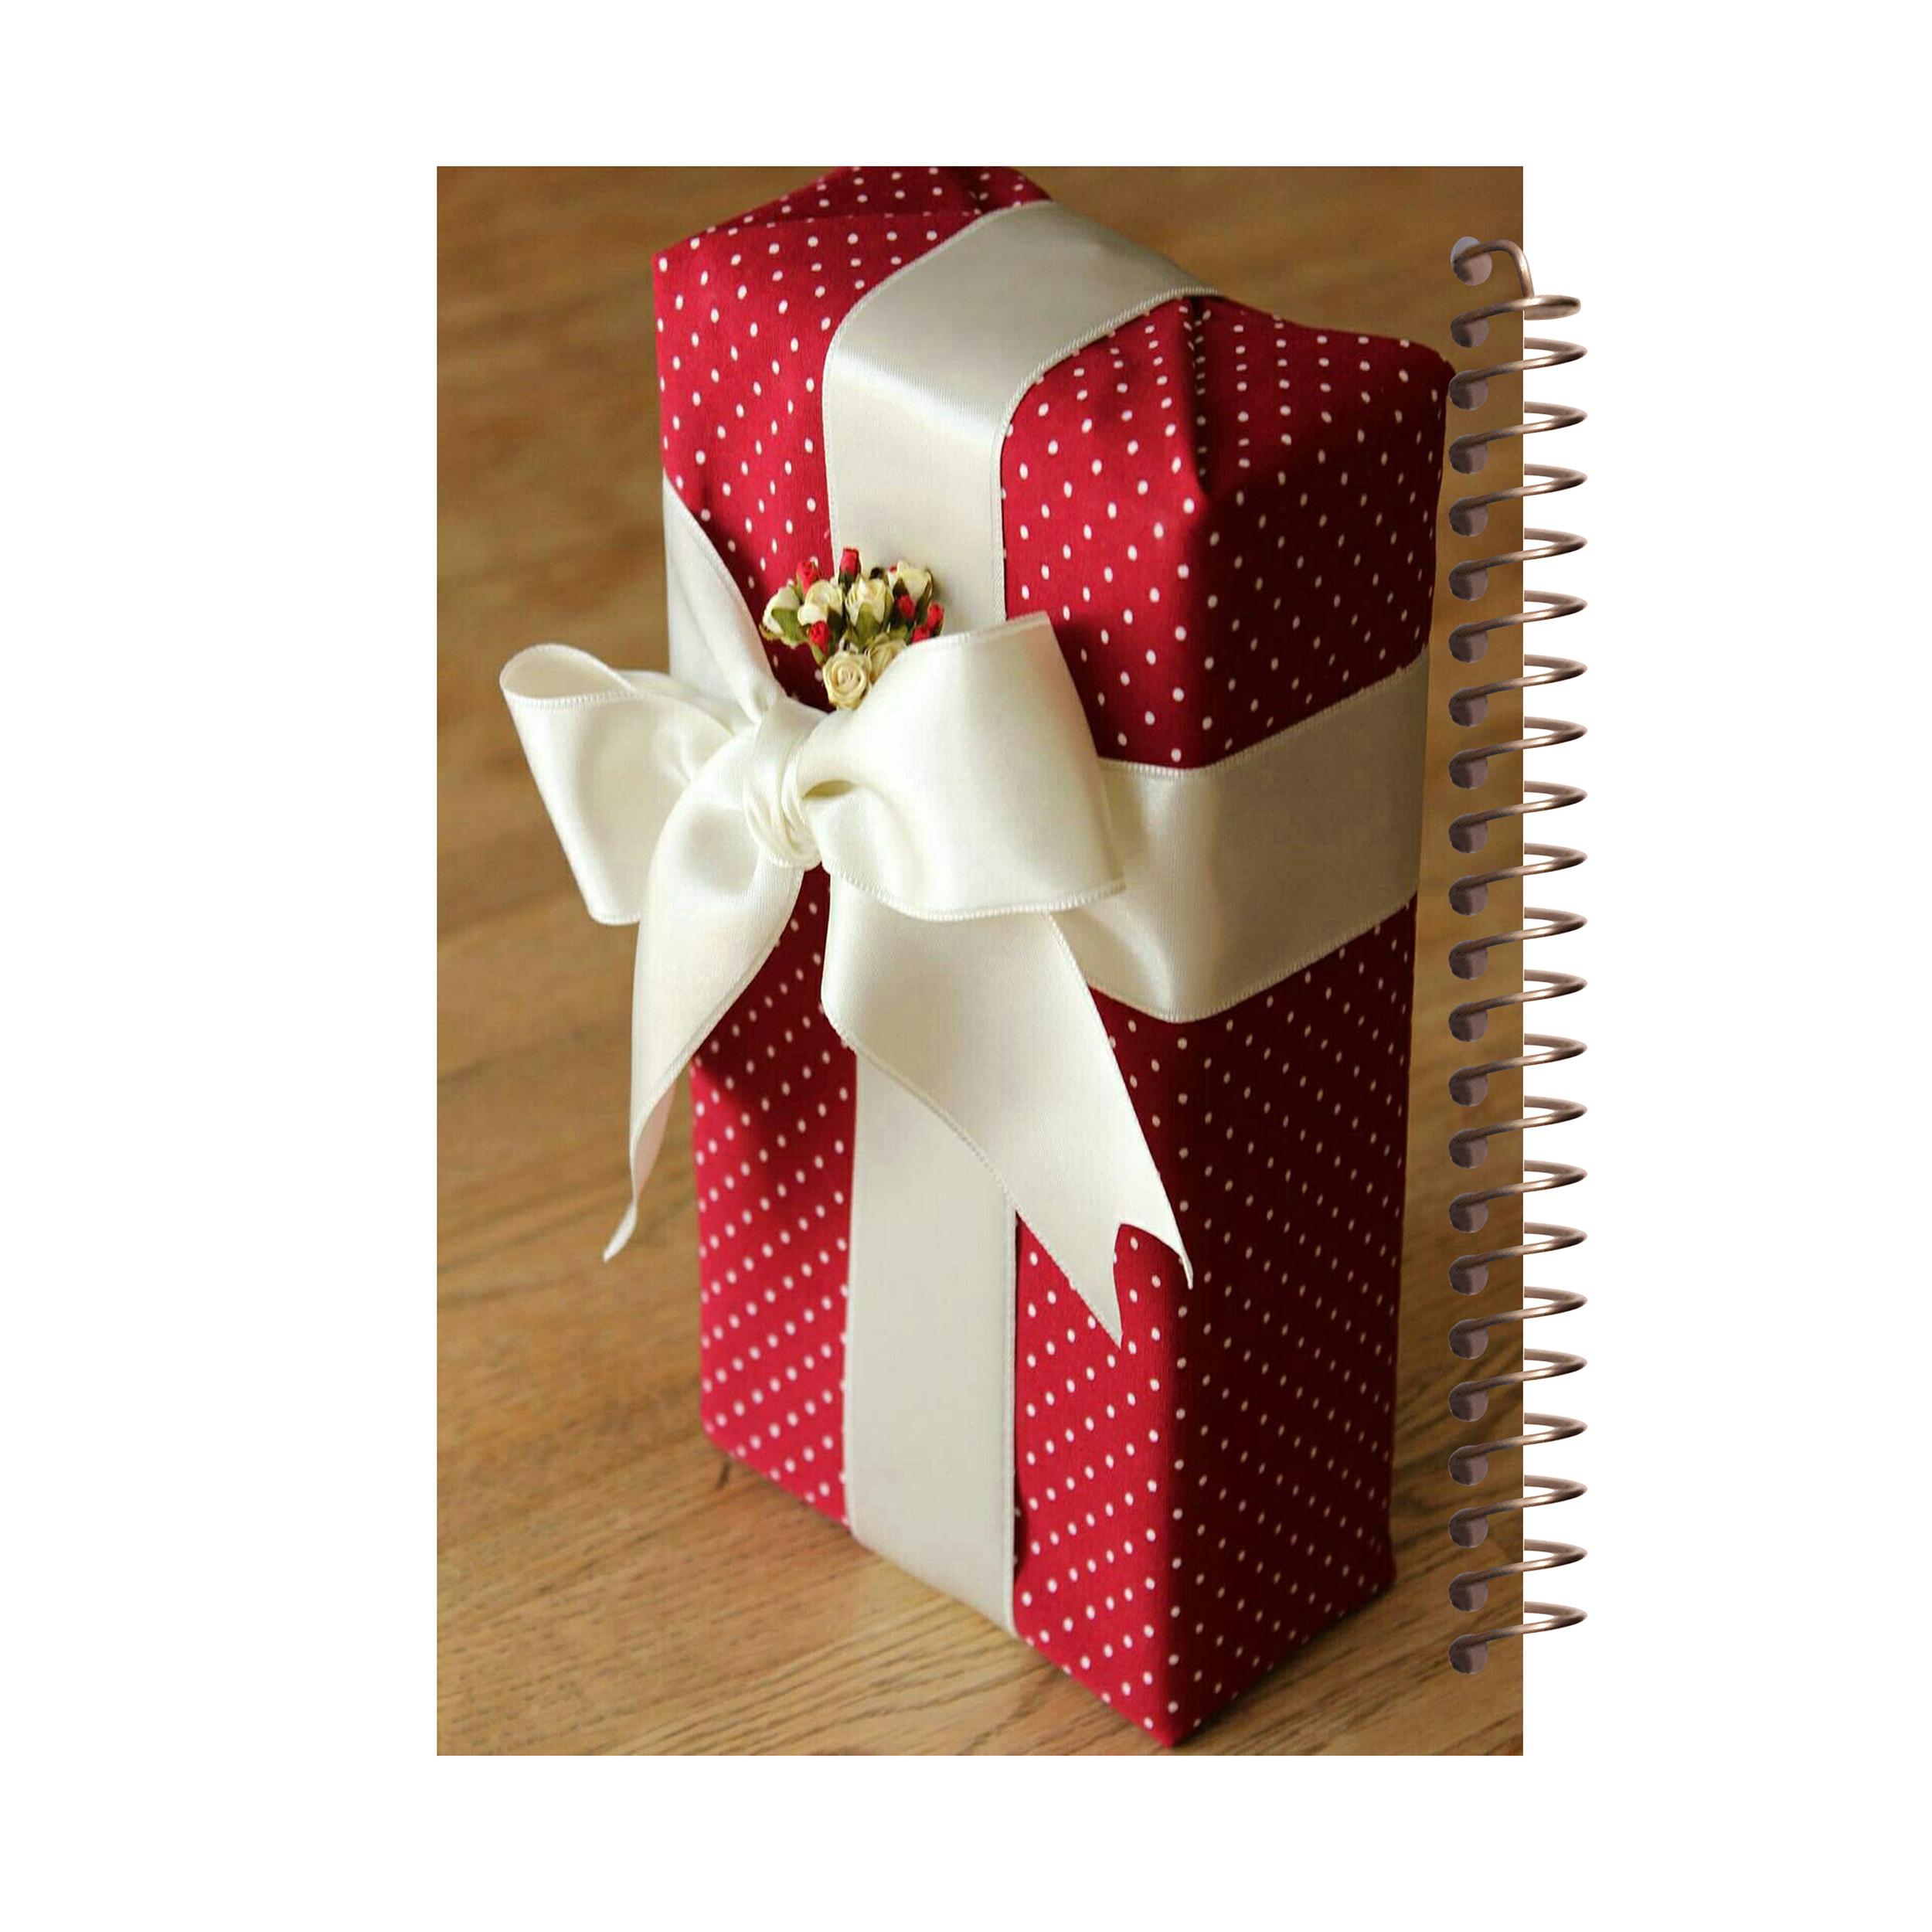 دفتر یادداشت مشایخ طرح جعبه کادویی کد 7008